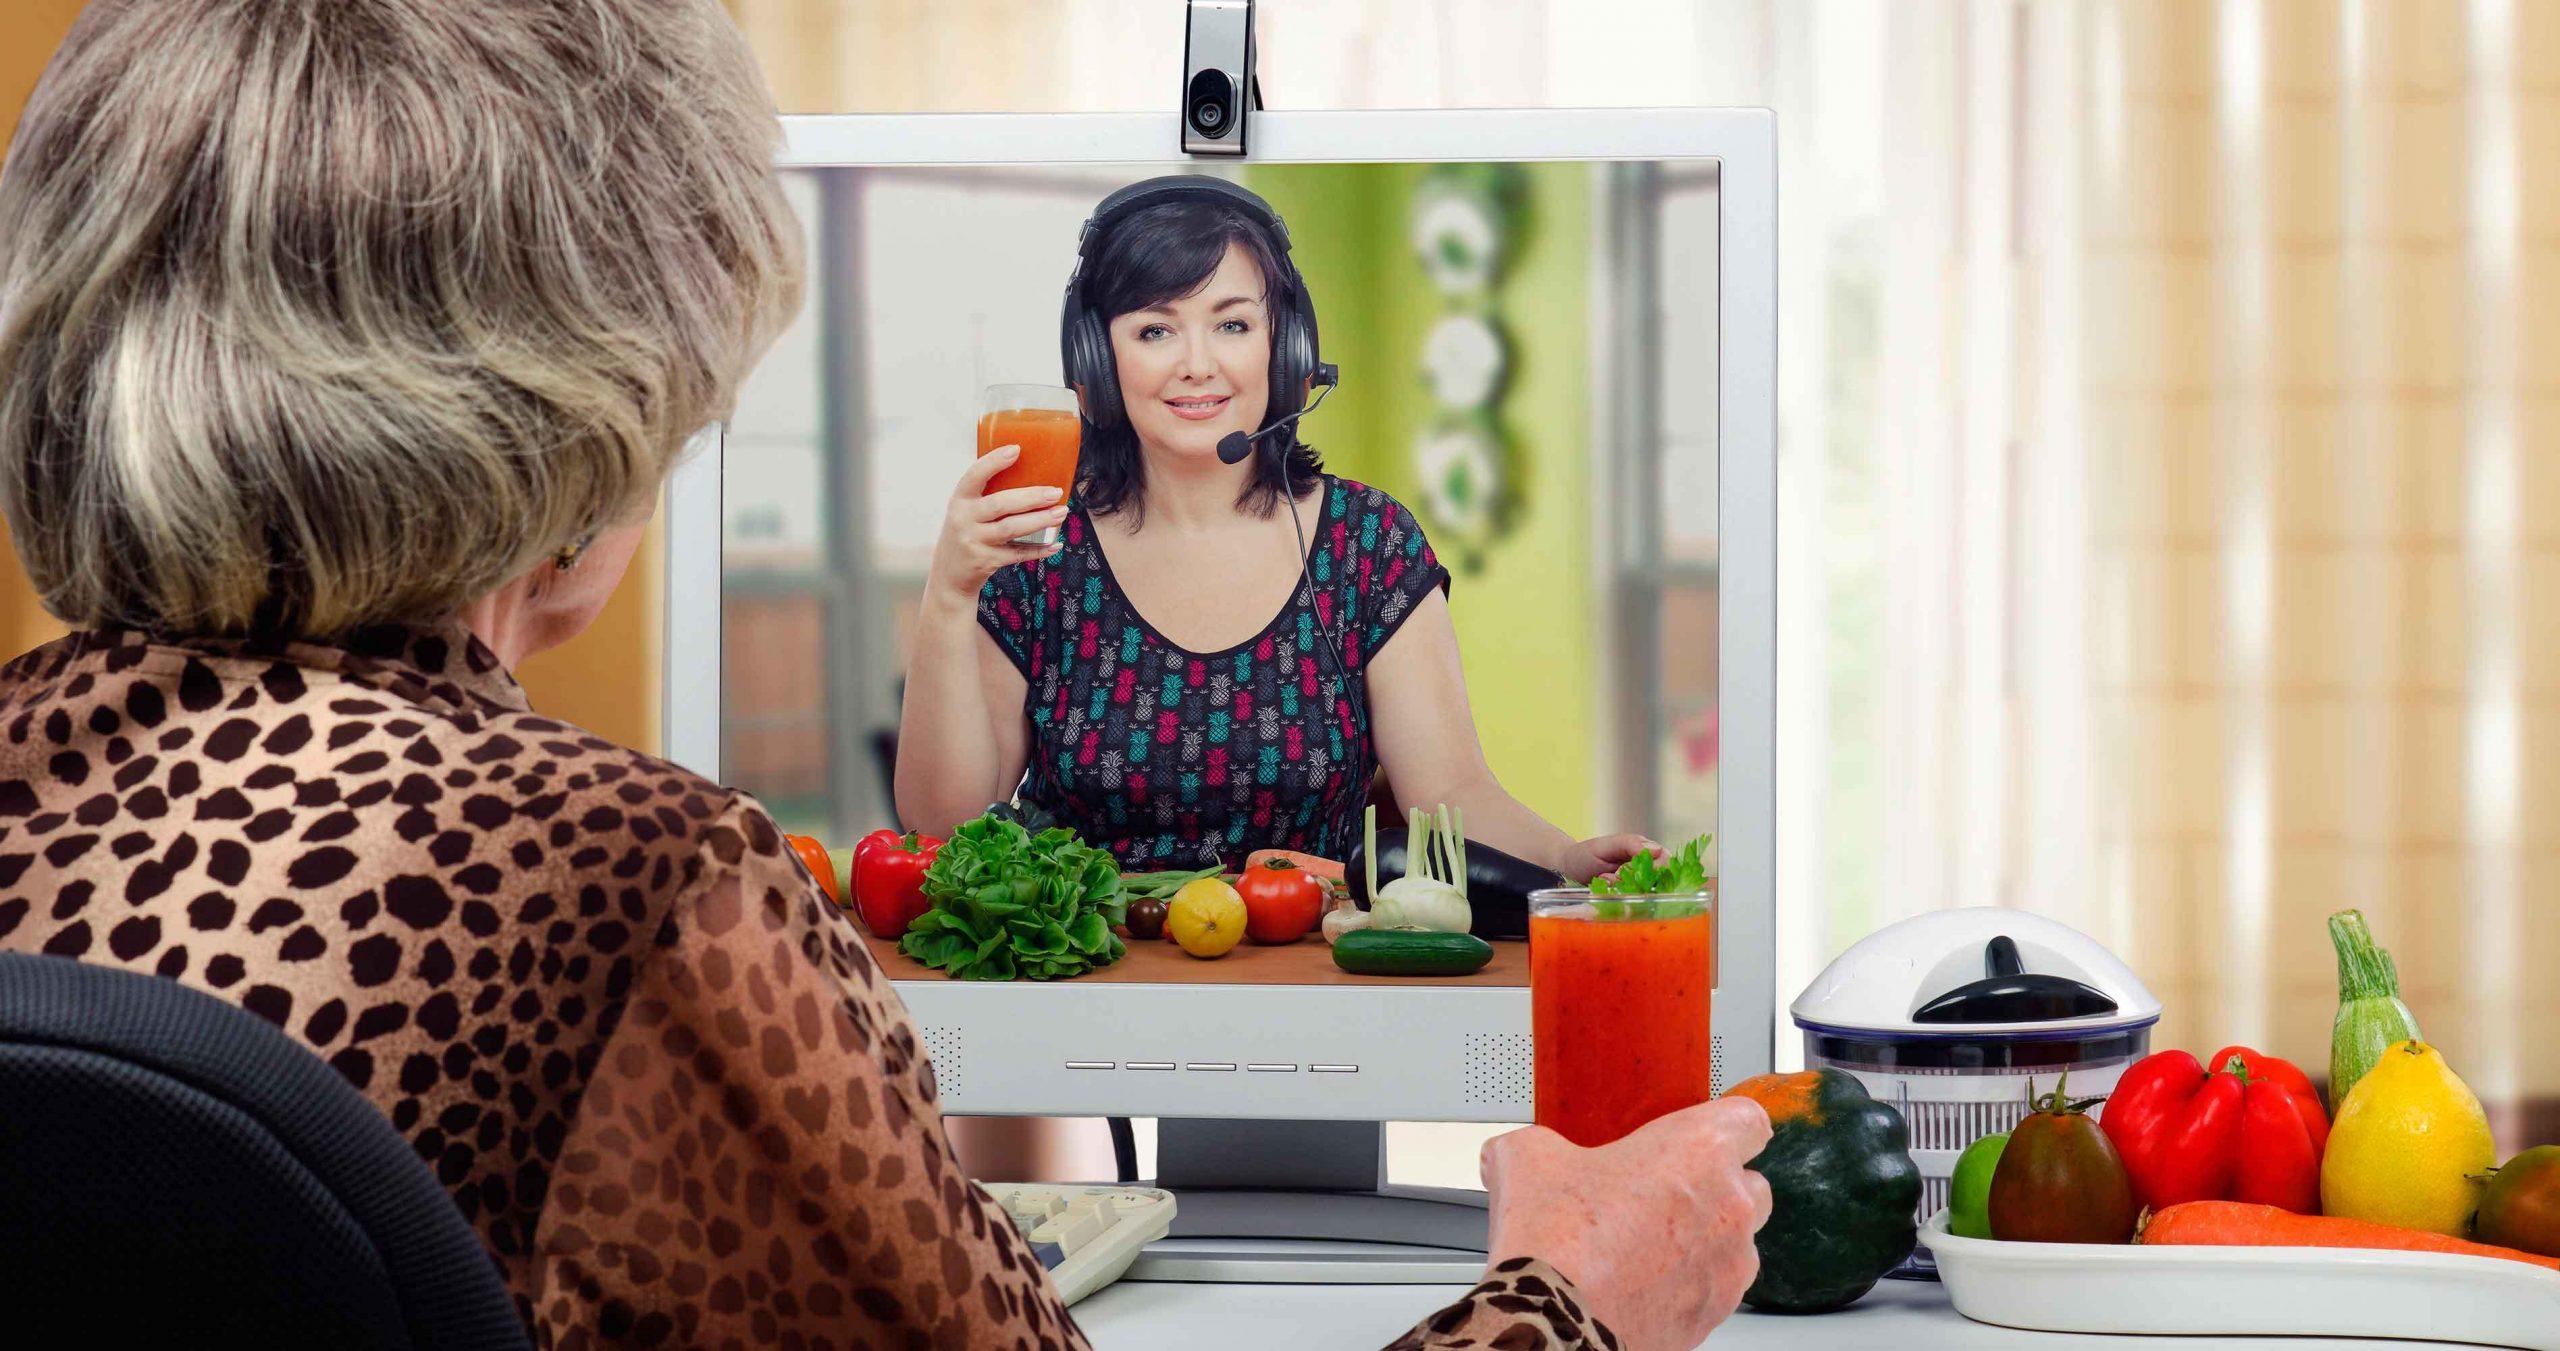 É possível realizar atendimento nutricional não presencial na quarentena?